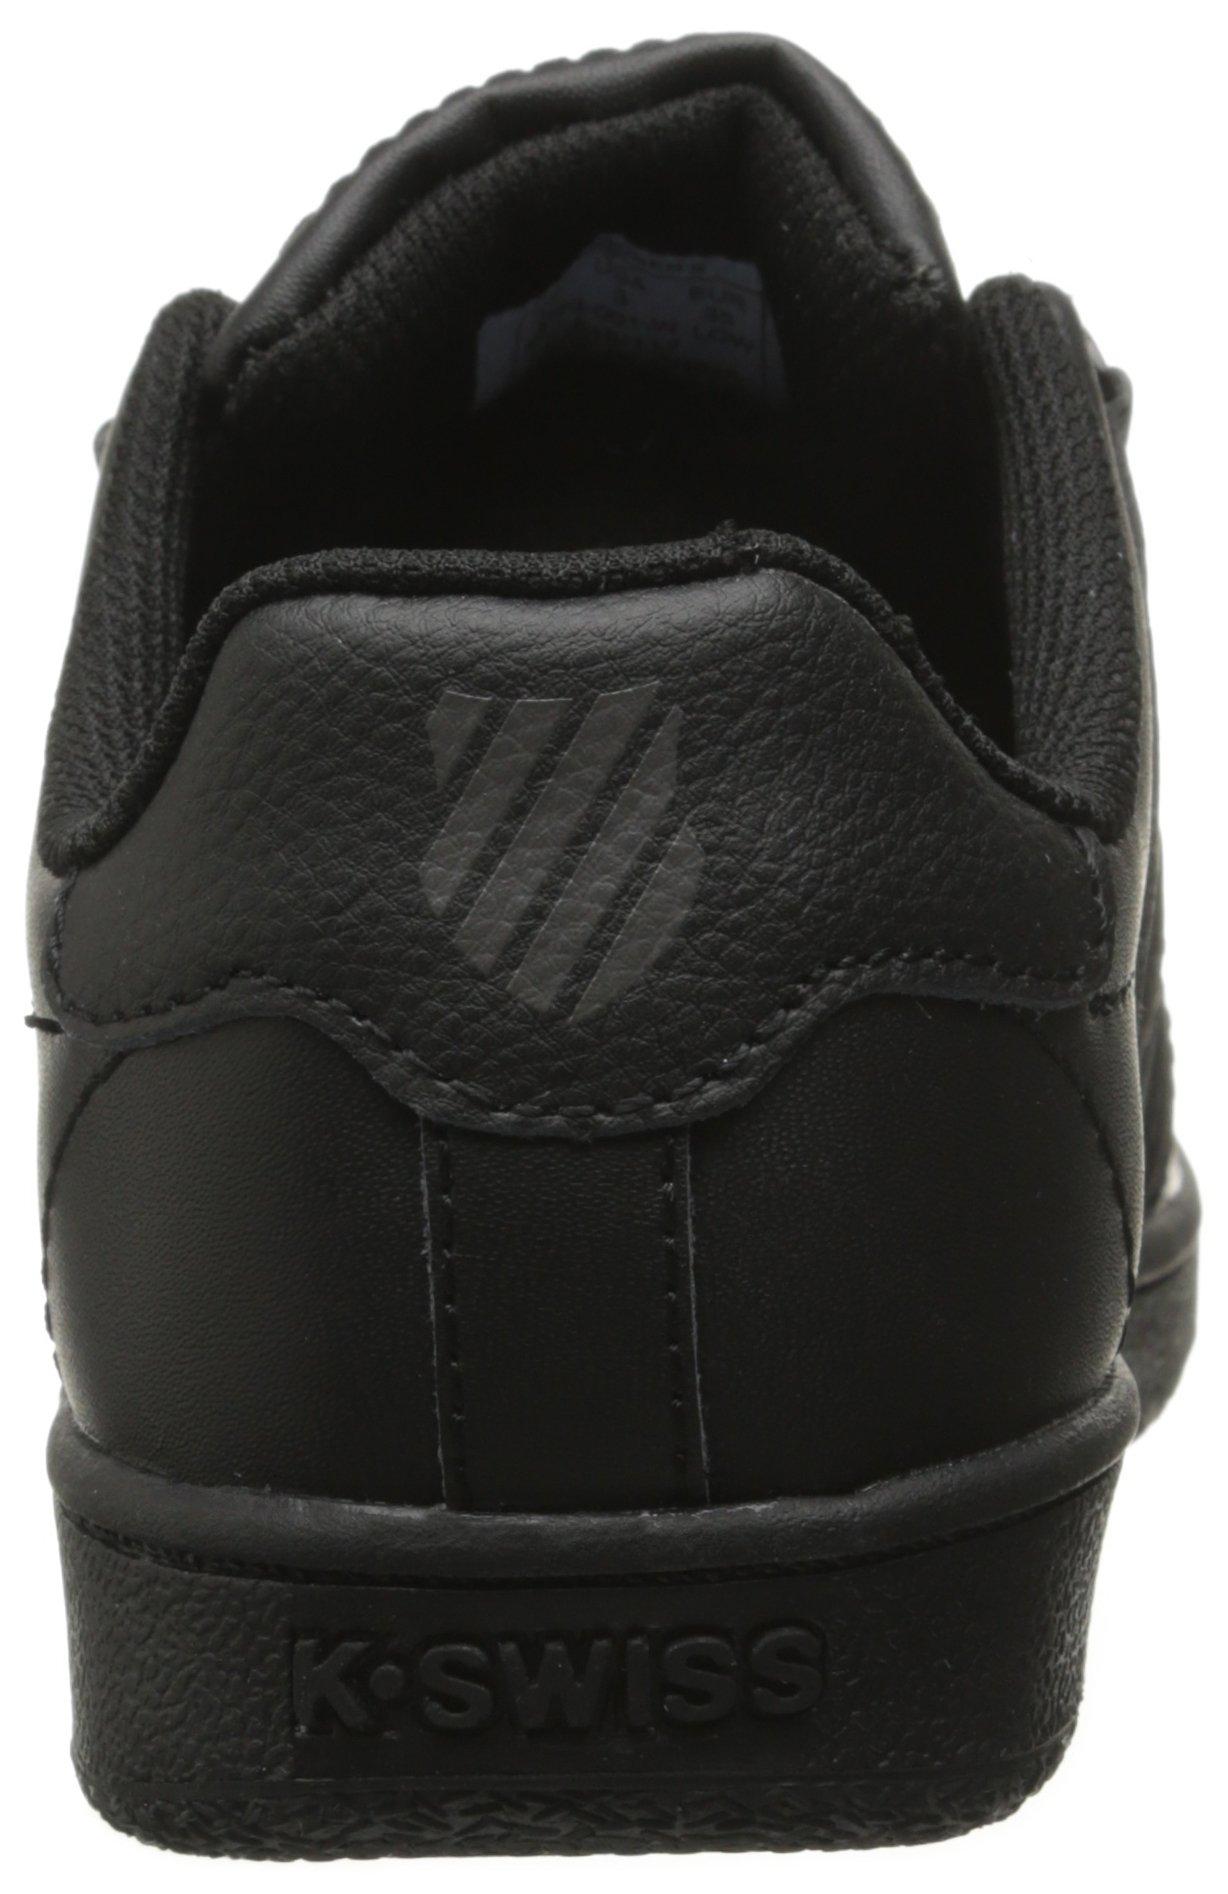 K-Swiss CLASSIC VN Black/Black,3.5 M US Big Kid by K-Swiss (Image #2)